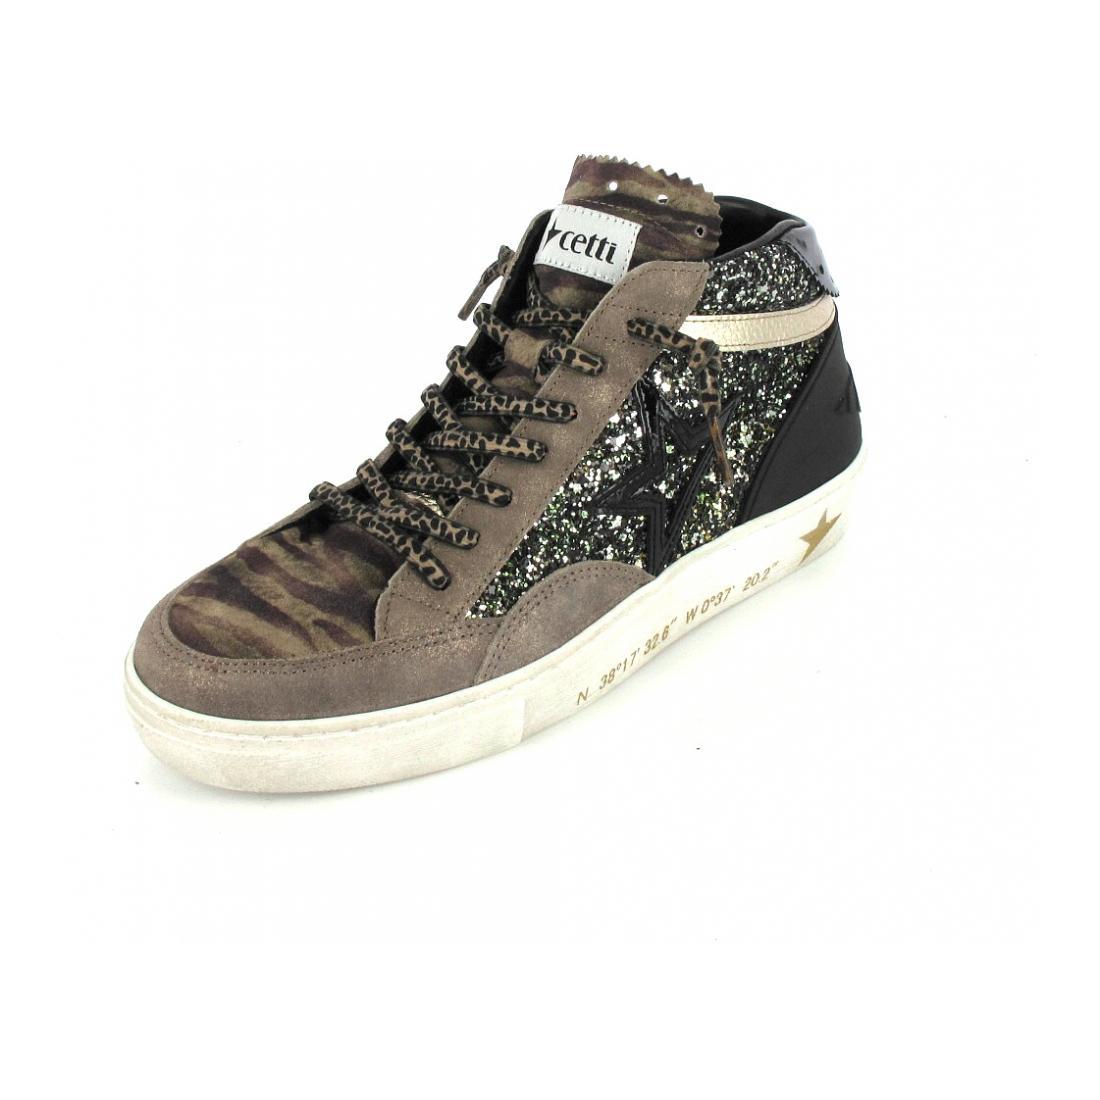 Cetti Sneaker Bunny Glitter